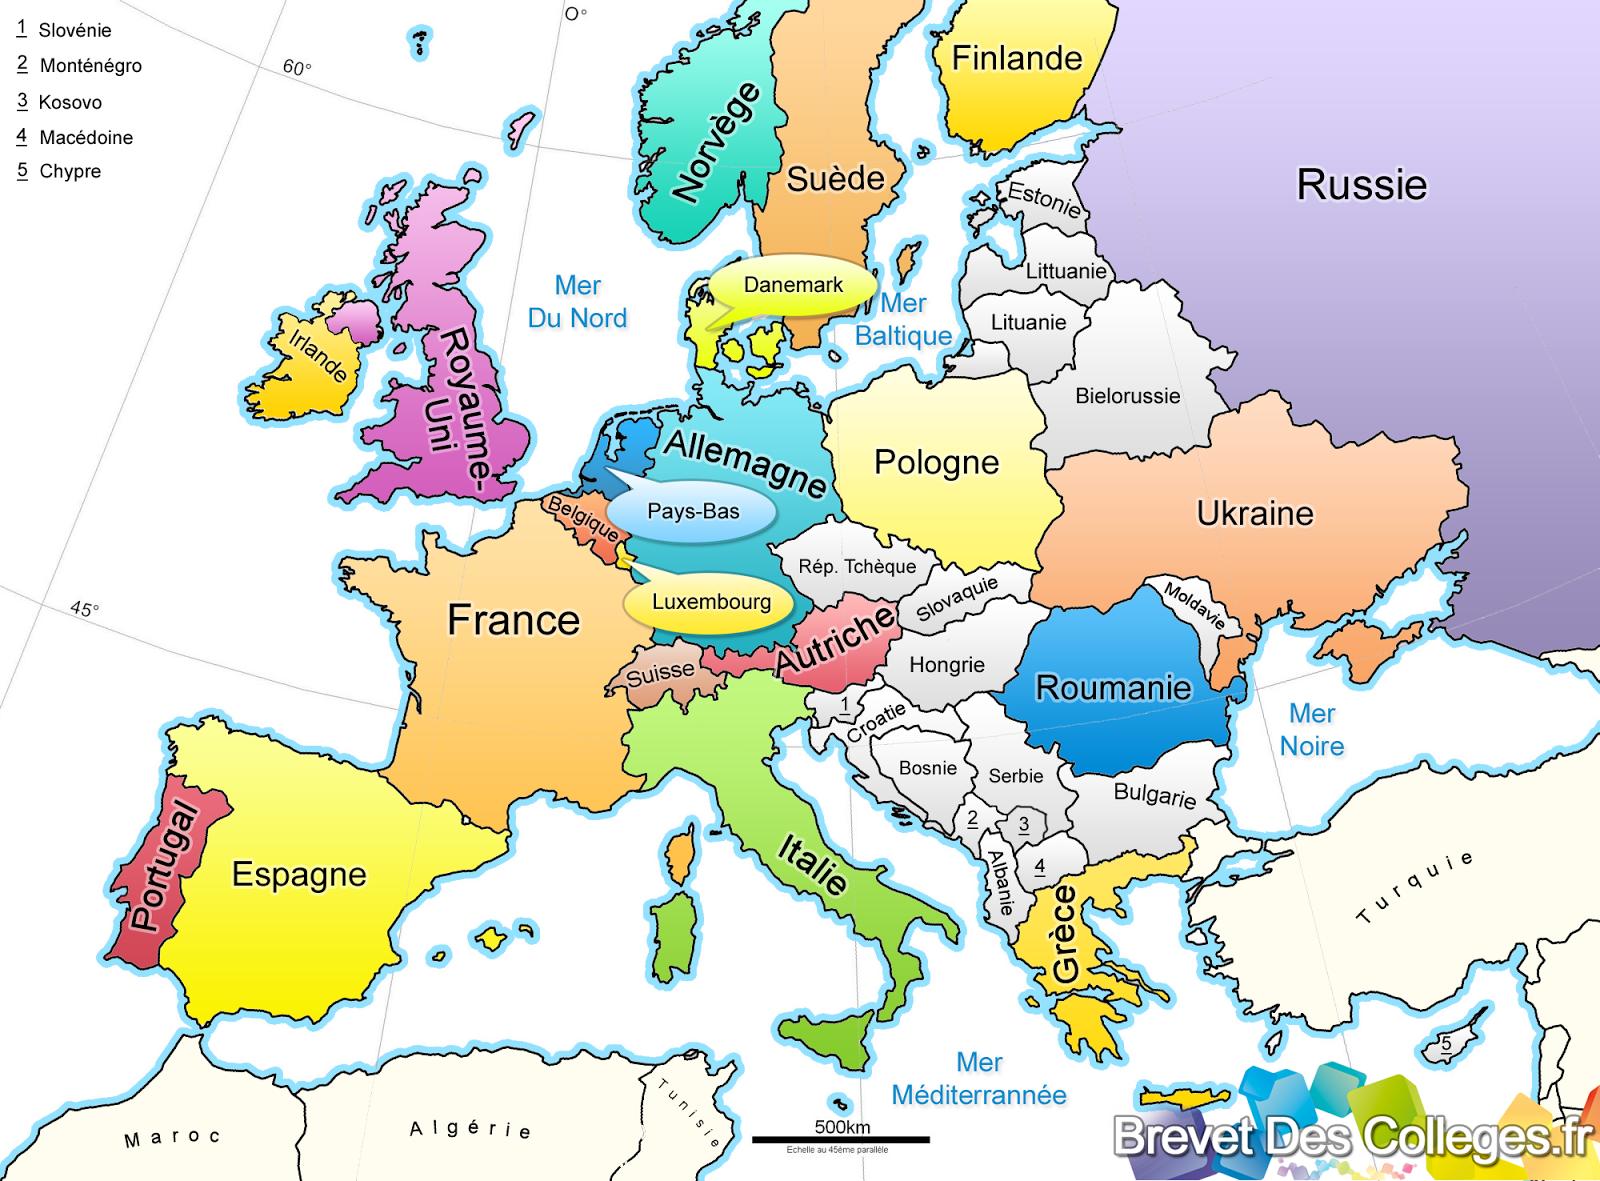 Lituanie sur la carte du monde